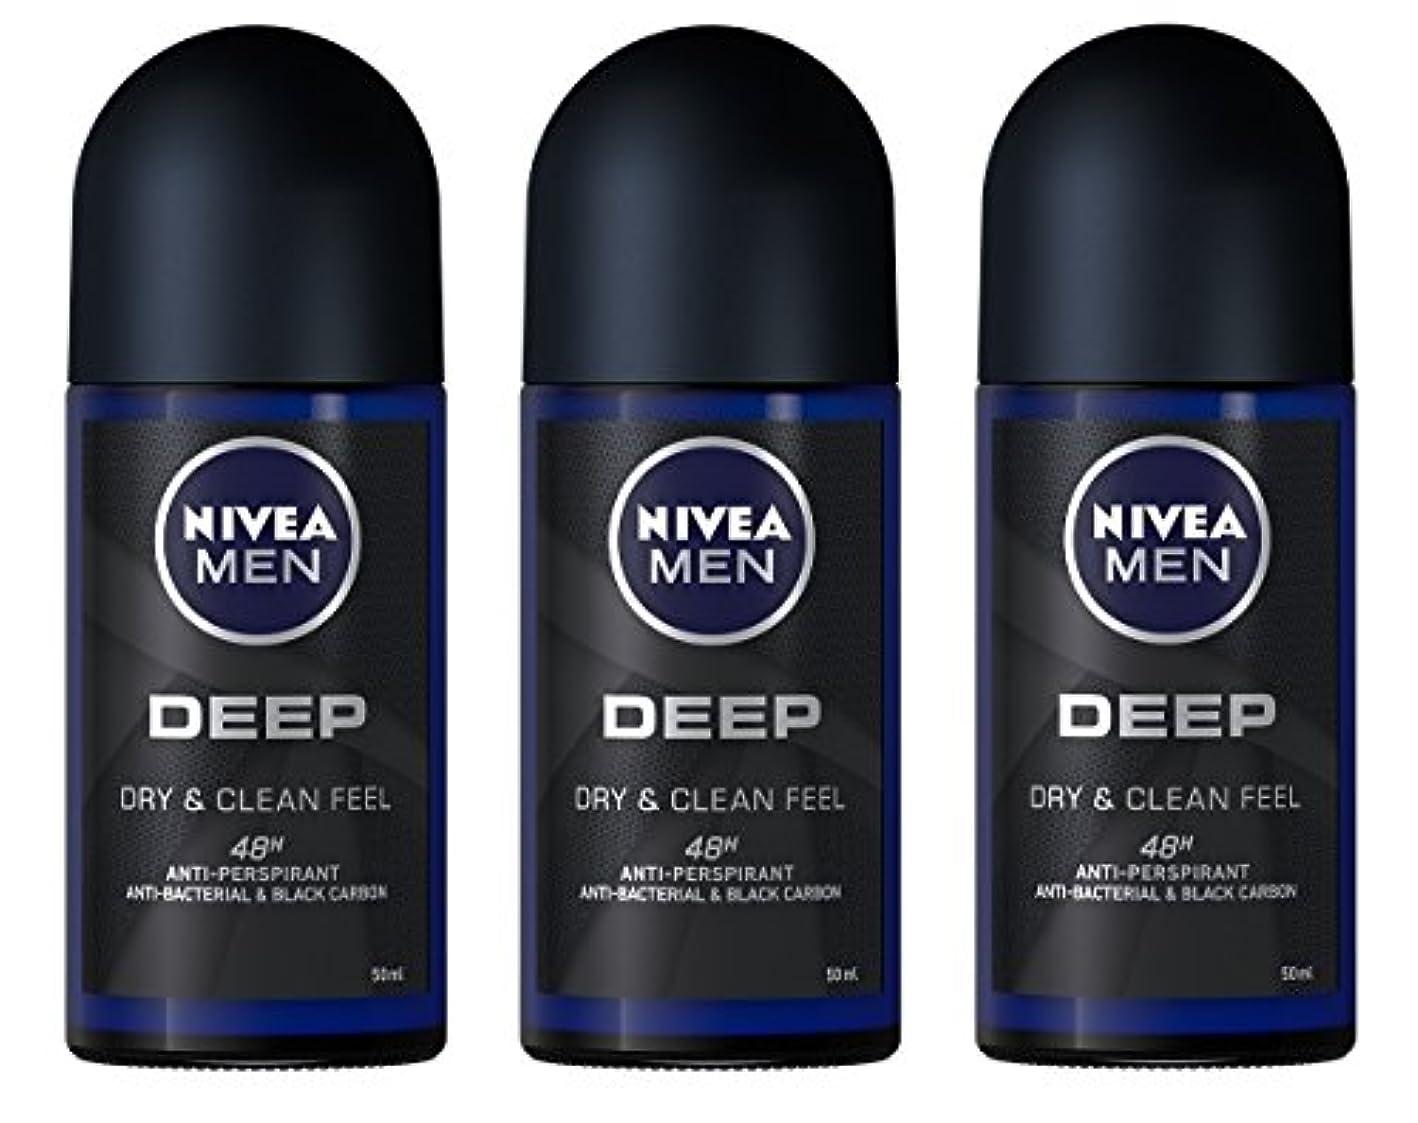 ノーブル長くする評決(Pack of 3) Nivea Deep Anti-perspirant Deodorant Roll On for Men 50ml - (3パック) ニベア深い制汗剤デオドラントロールオン男性用50ml